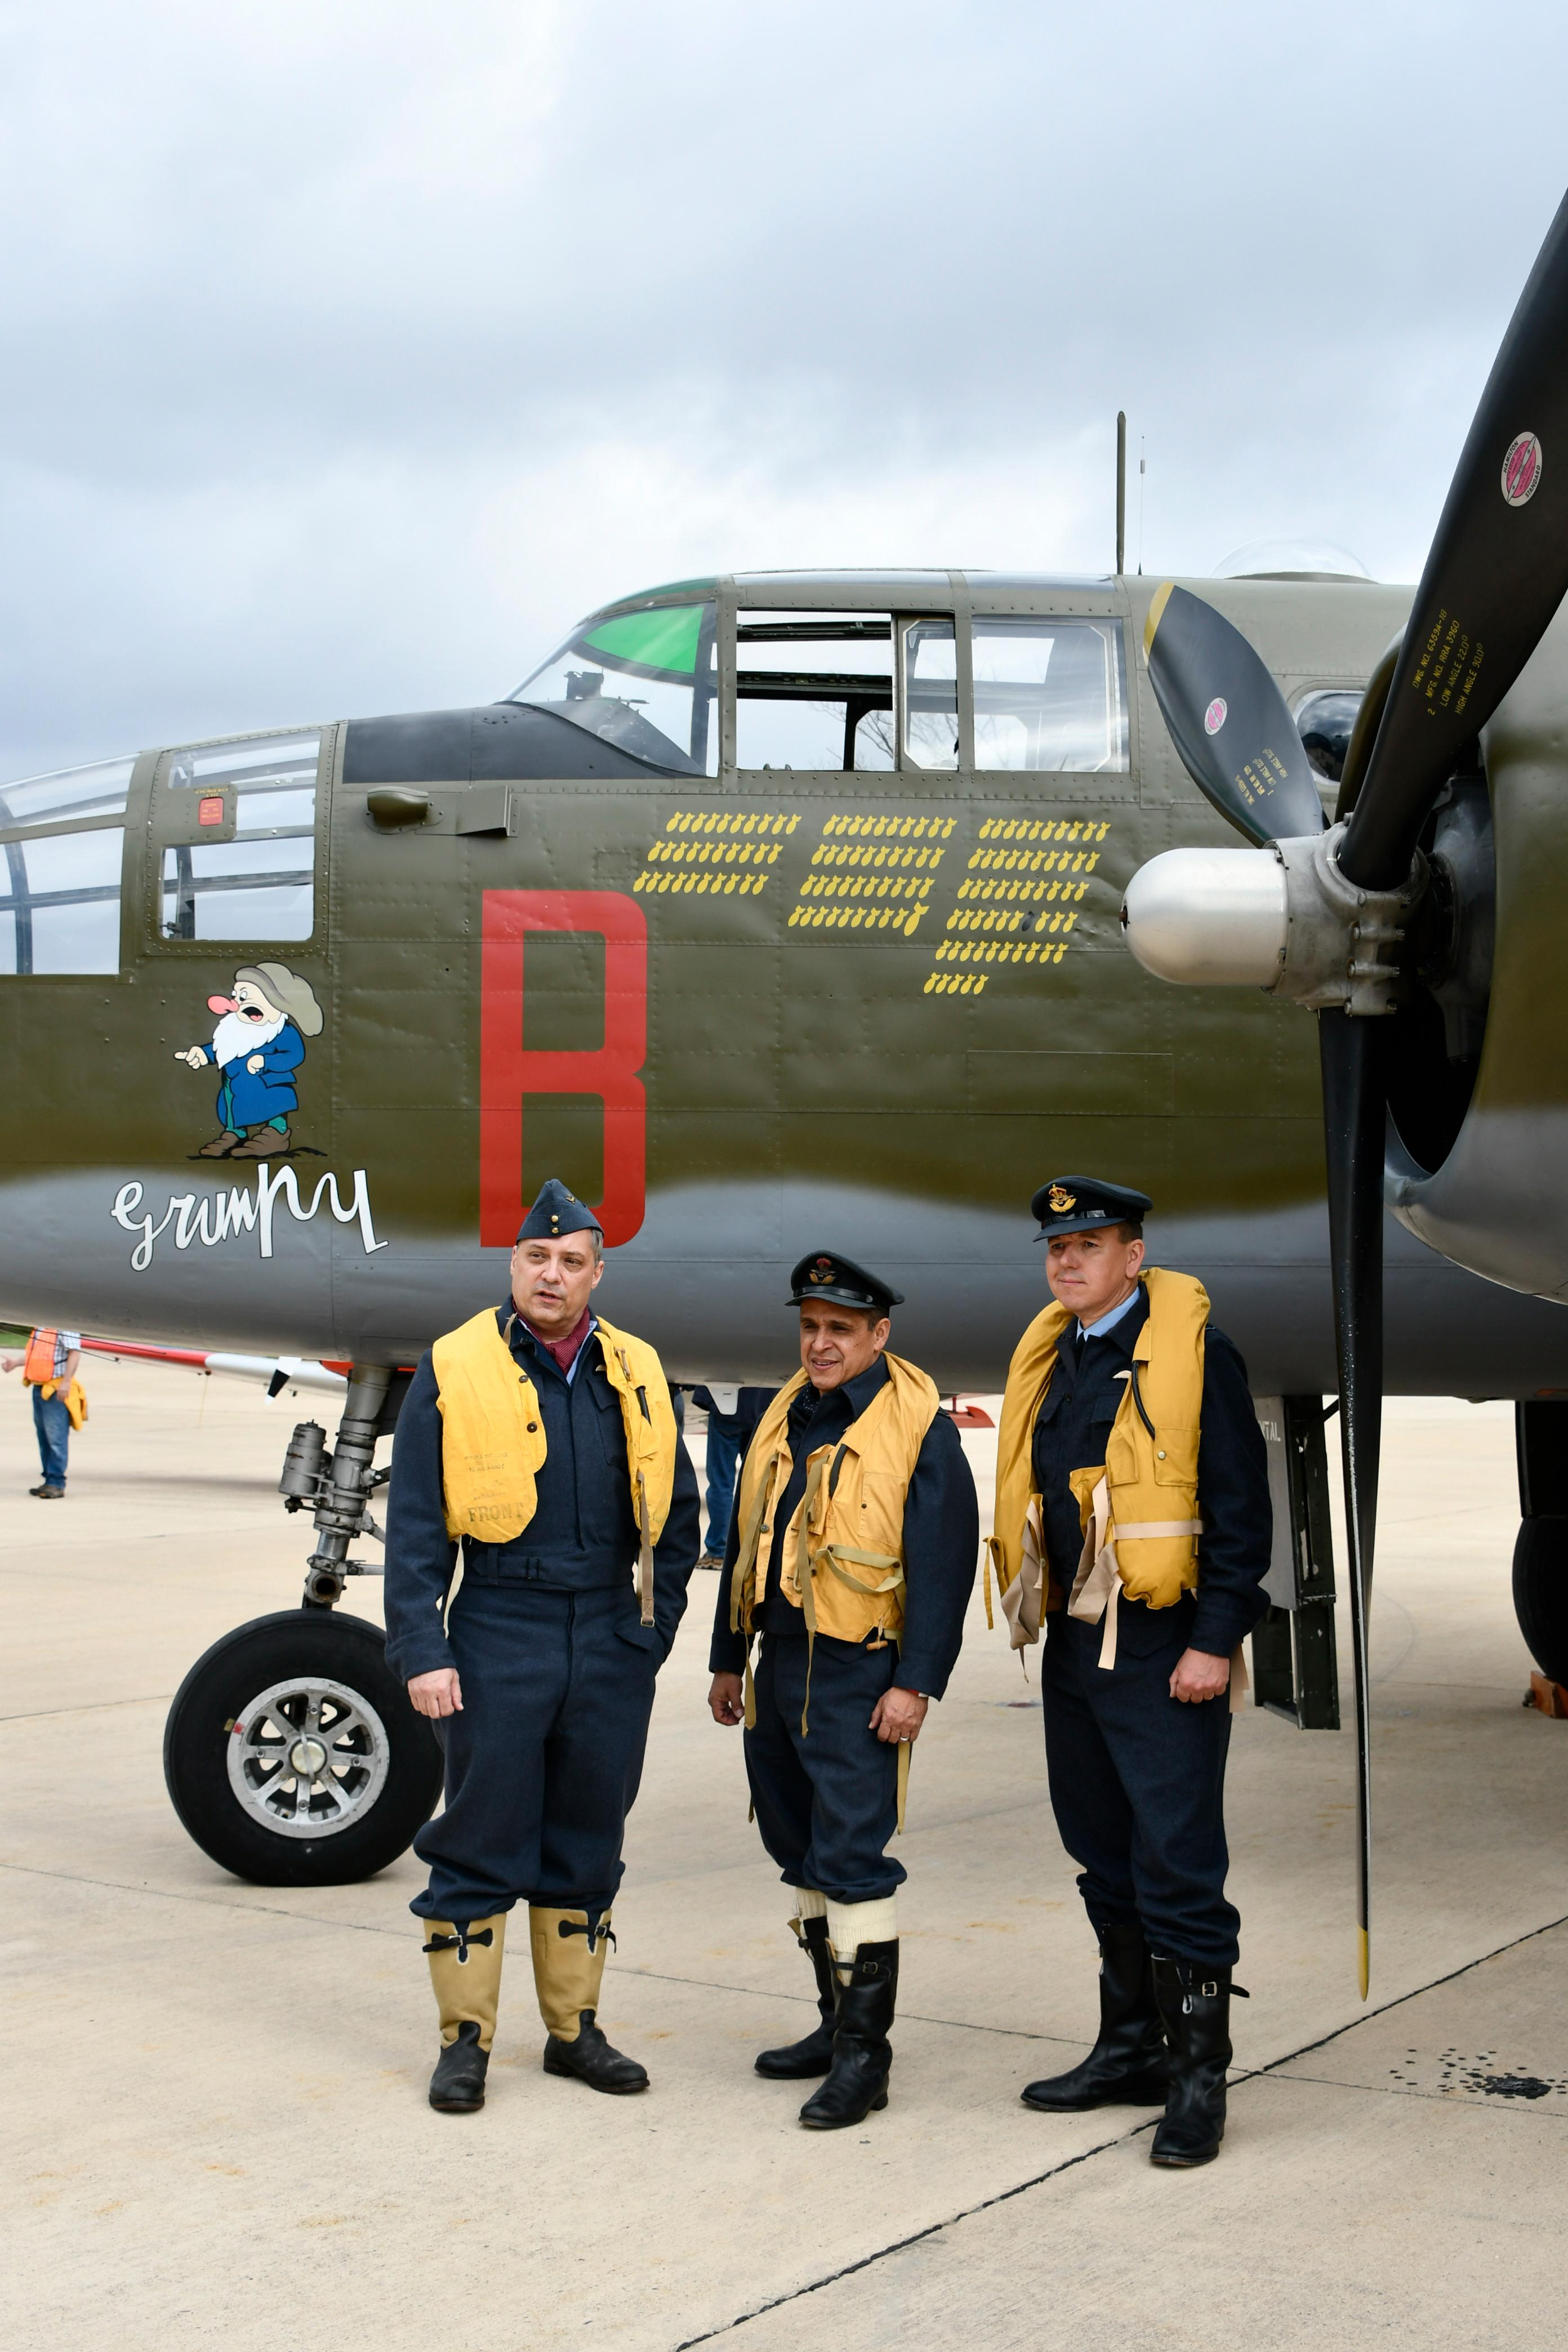 Reenactors in RAF duds